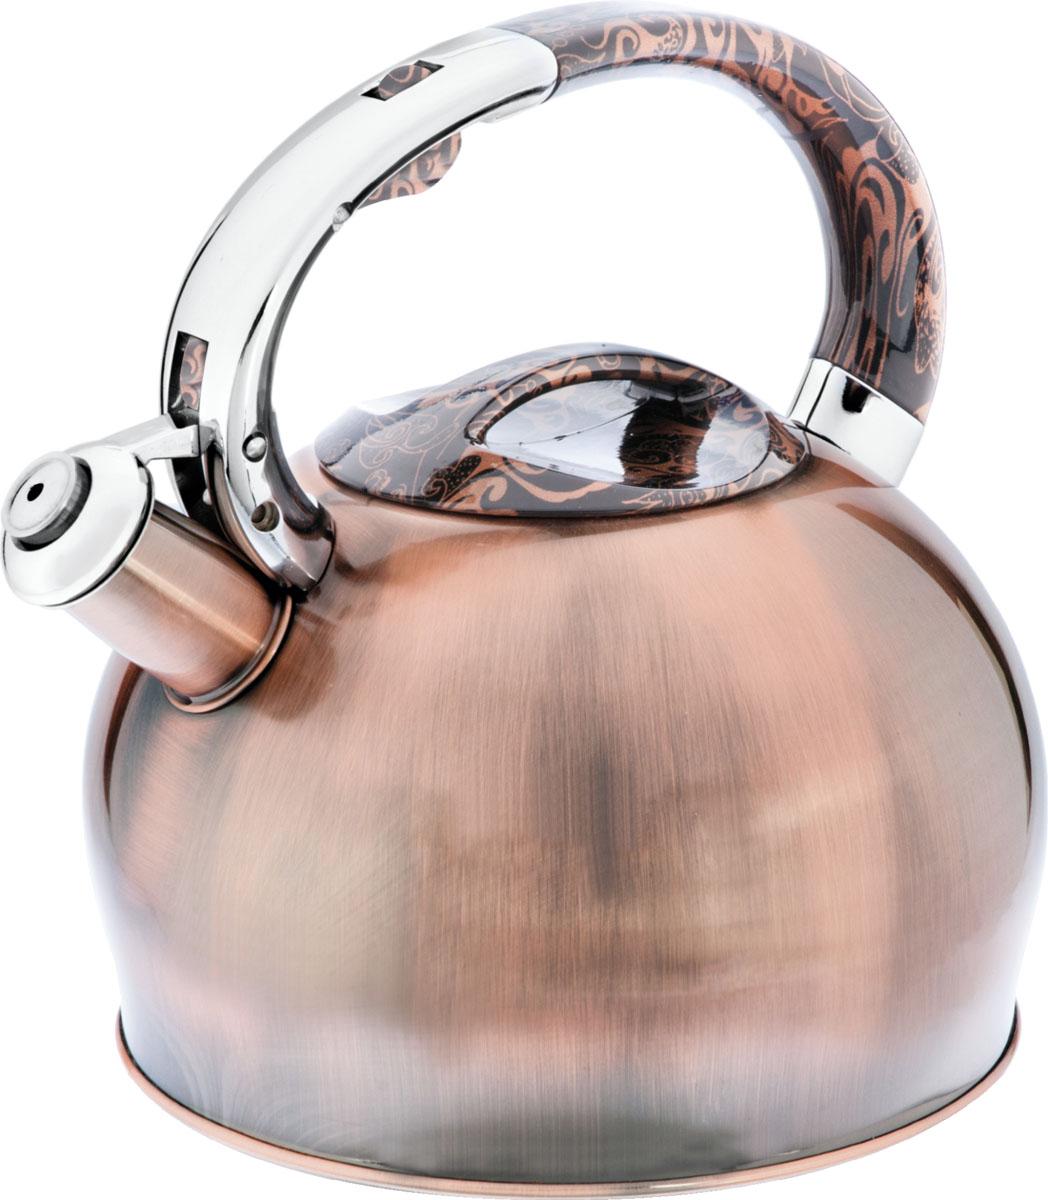 Чайник Bayerhoff, со свистком, цвет: медь, 2,5 л. BH-426BH-426Материал: высококачественная нержавеющая сталь. Объем: 2,5 л. Клапан открывается кнопкой на ручке. Эргономичная ручка не нагревается и не скользит. Подходит для всех типов плит.